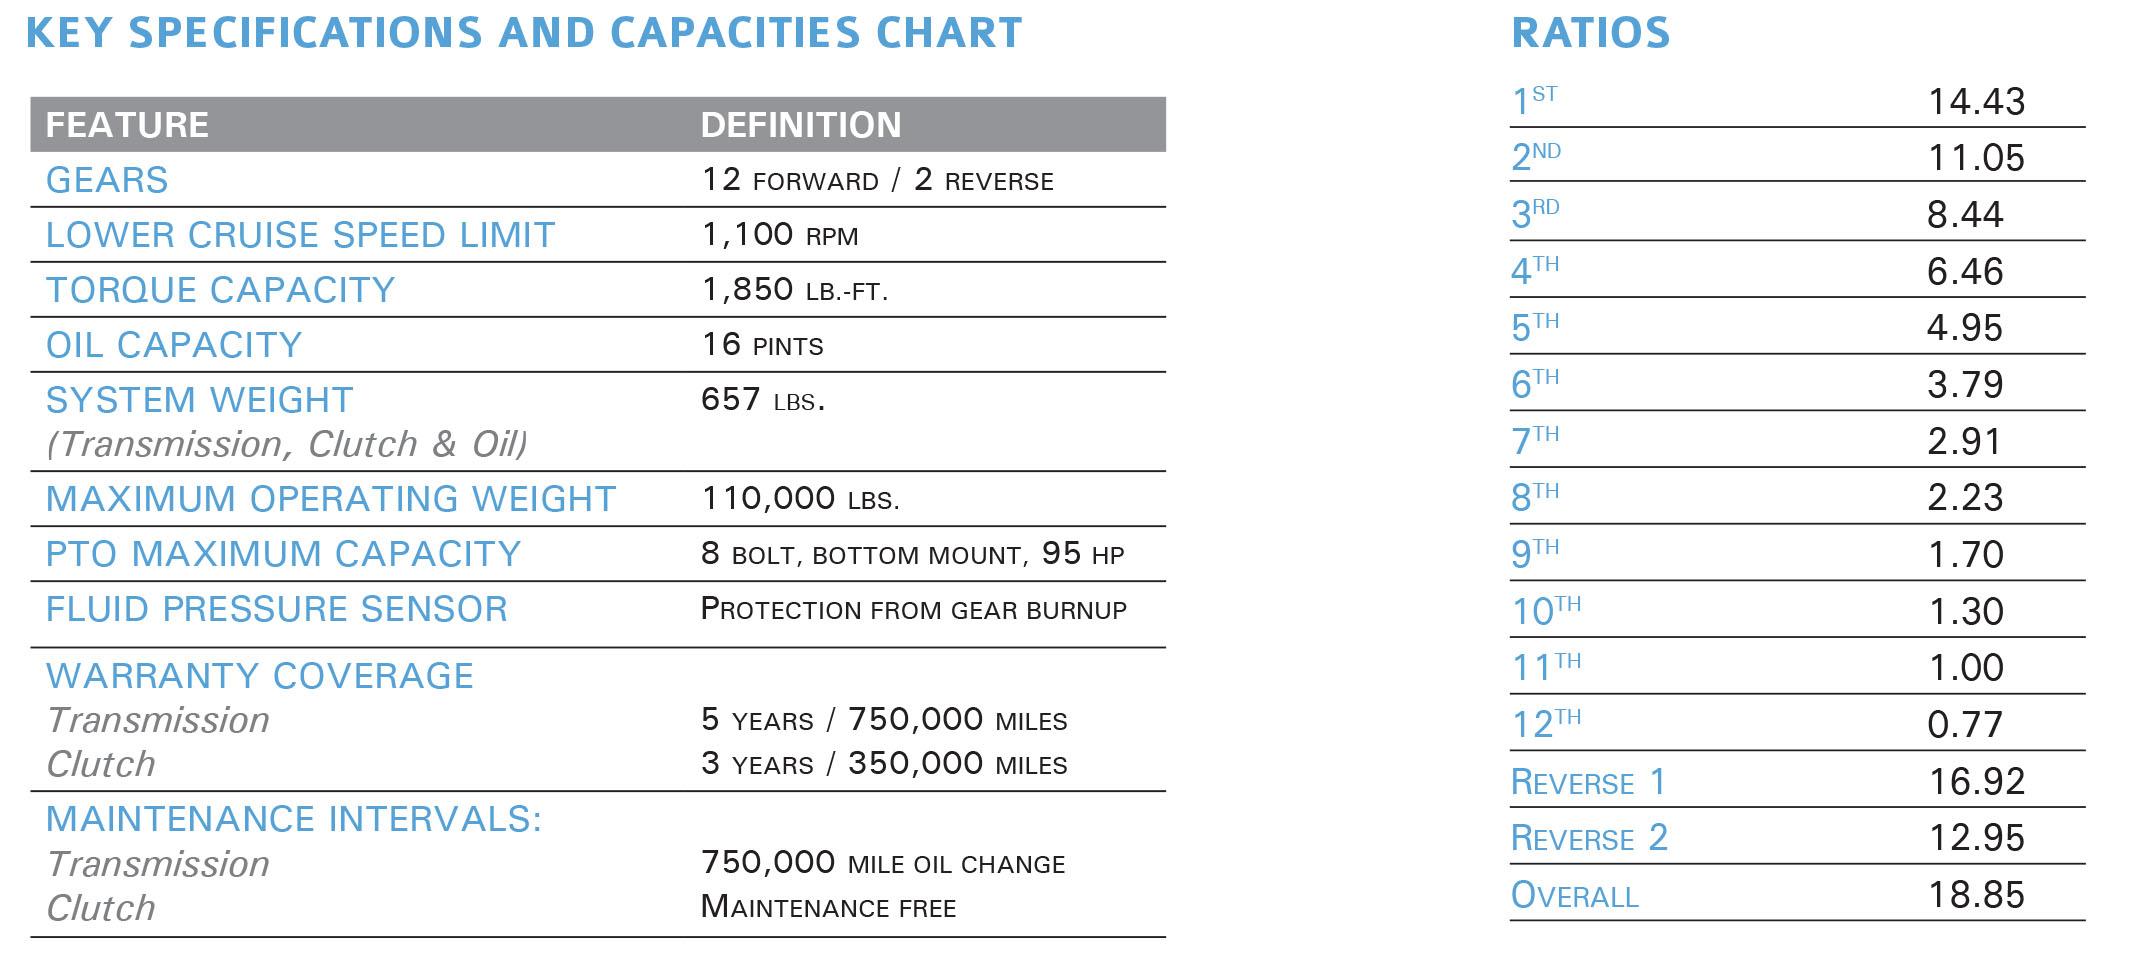 Key Specs and Capacity Chart